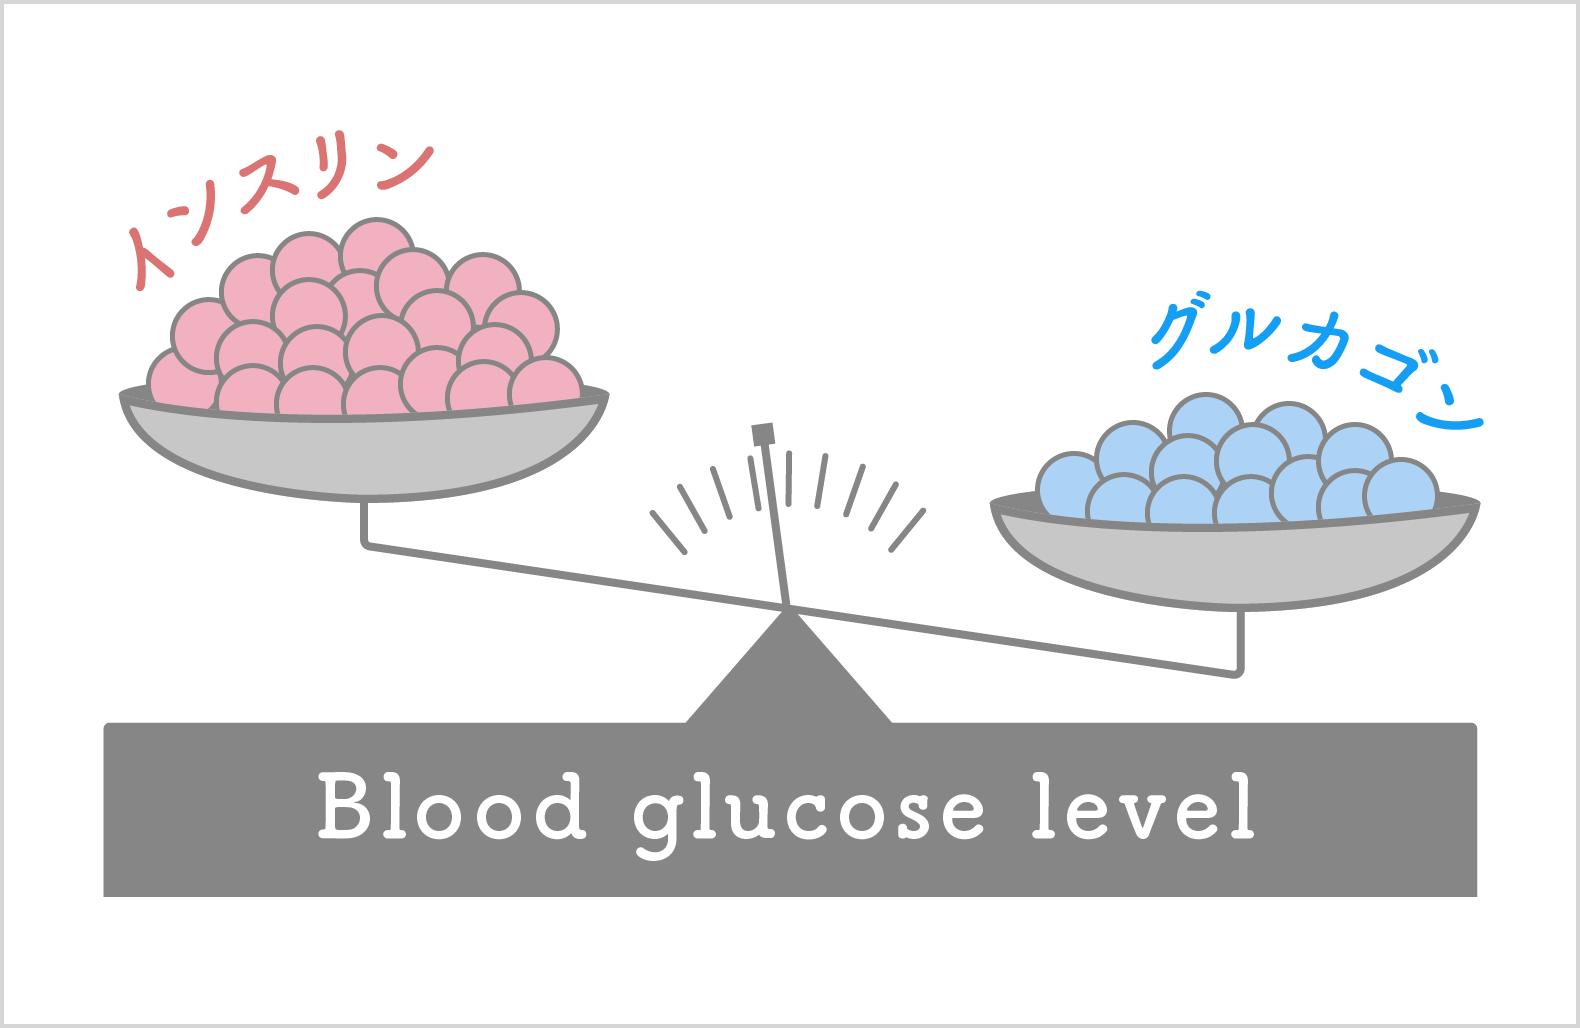 糖尿病の新薬・DPP4阻害薬